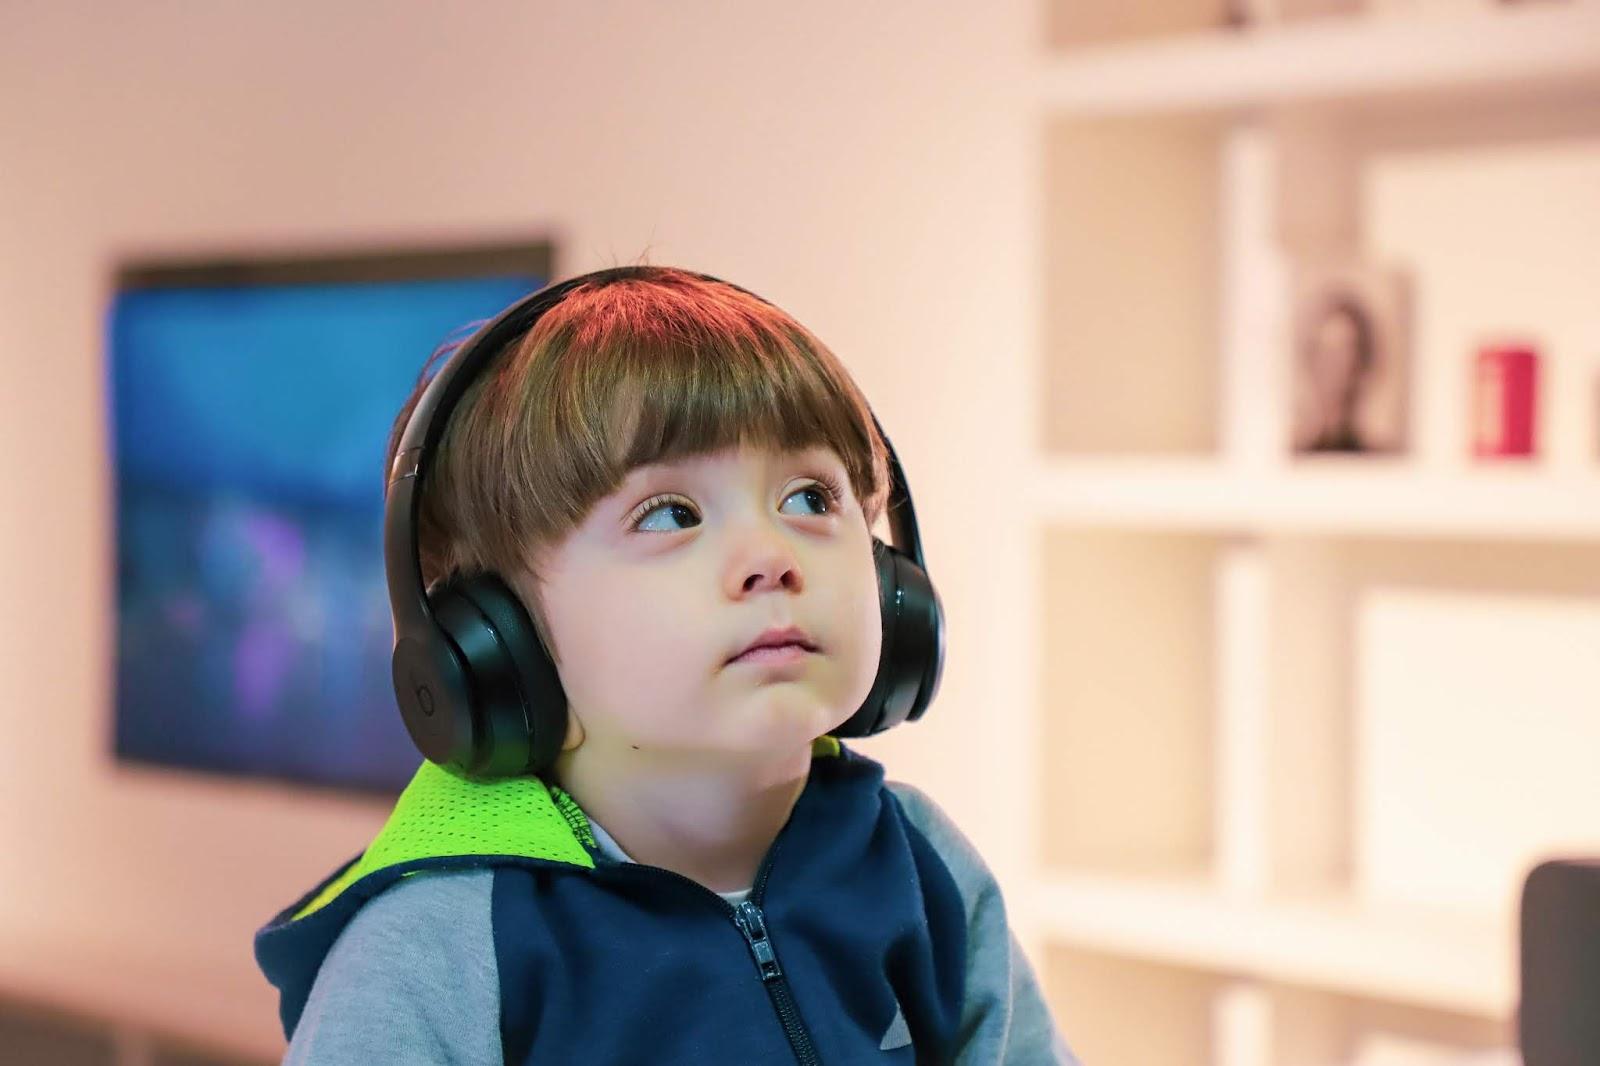 Gejala-gejala AUTISME Pada Anak dan Solusinya